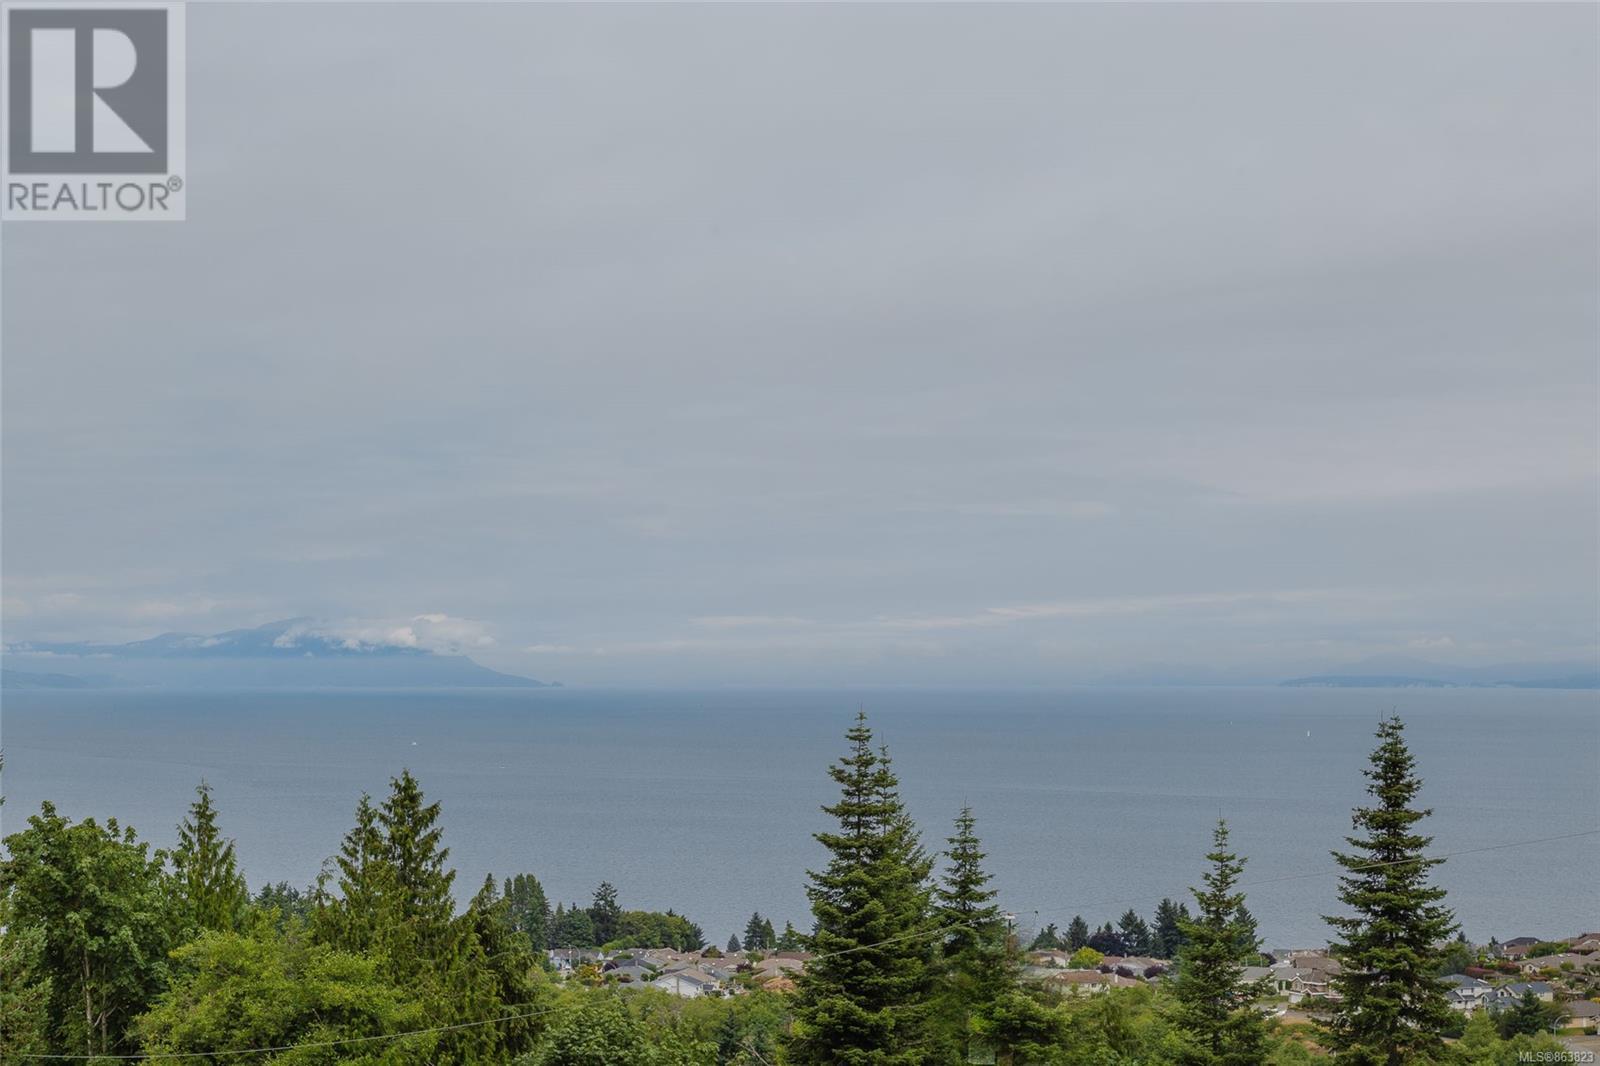 5013 Laguna Way, Nanaimo, British Columbia  V9T 5L6 - Photo 2 - 863823